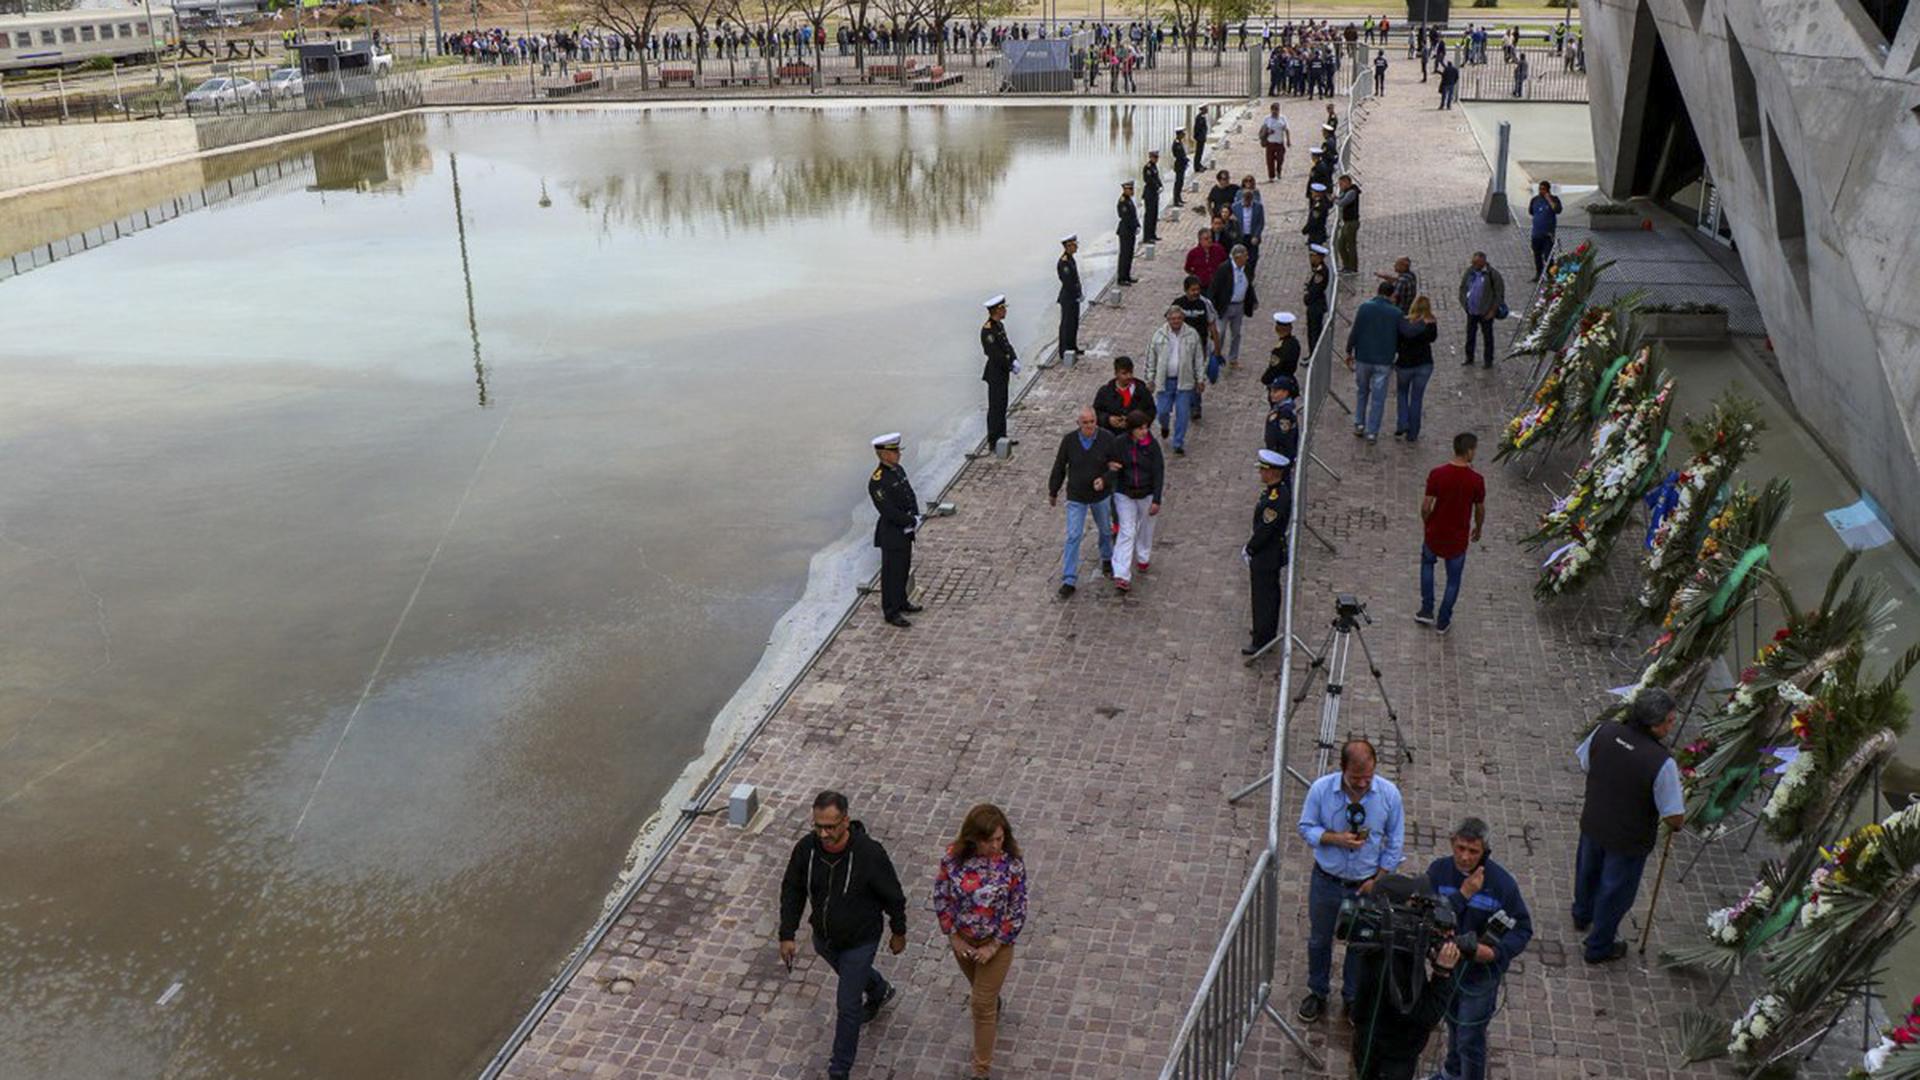 Miles de personas hicieron varias cuadras de cola para despedir al tres veces gobernador de Córdoba, José Manuel de la Sota, que falleció en un accidente de tránsito el sábado por la noche